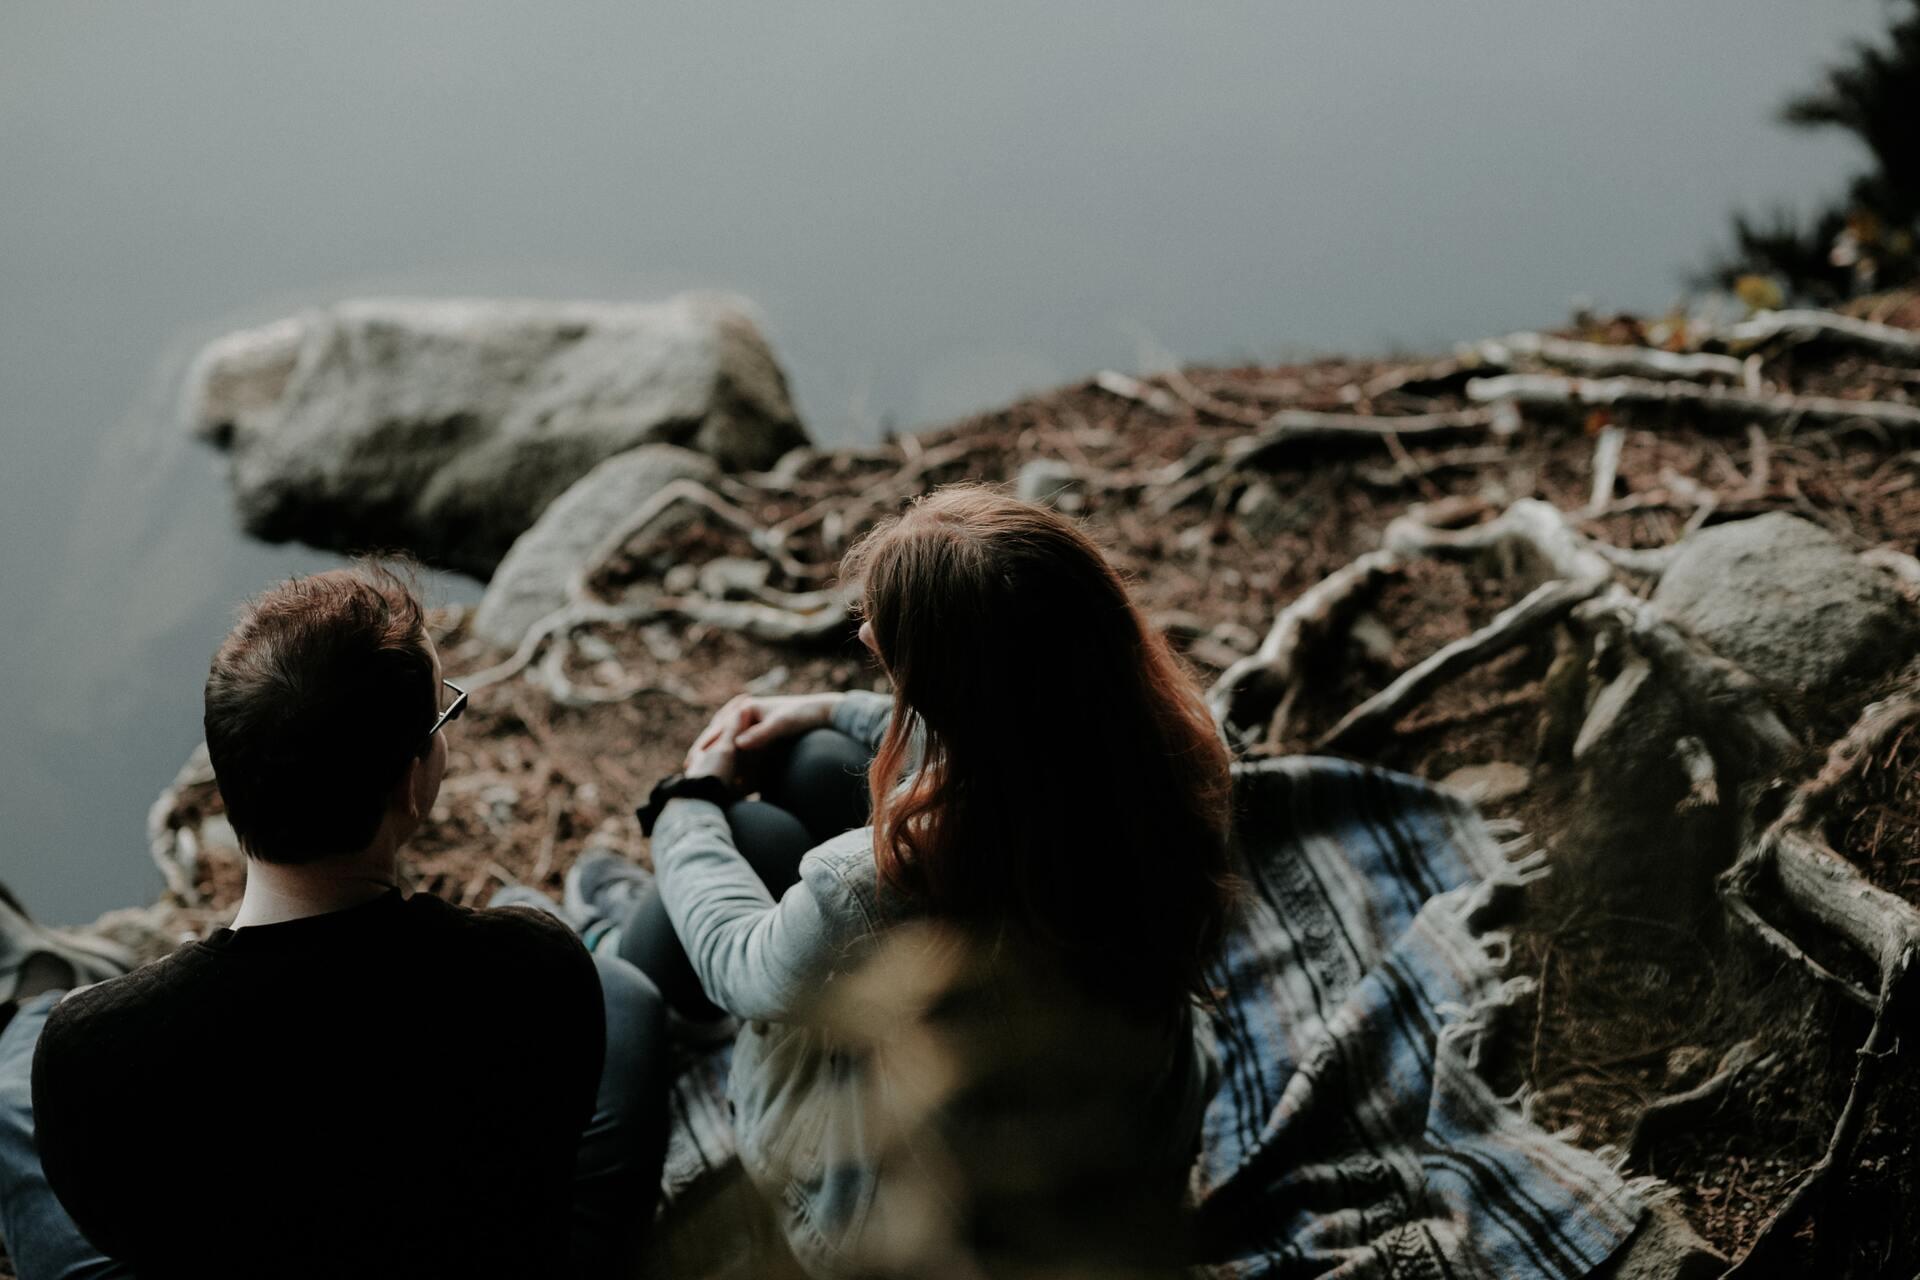 Какие вопросы задать девушке при знакомстве или на первой встрече? Этот вопрос вводит в ступор многих парней